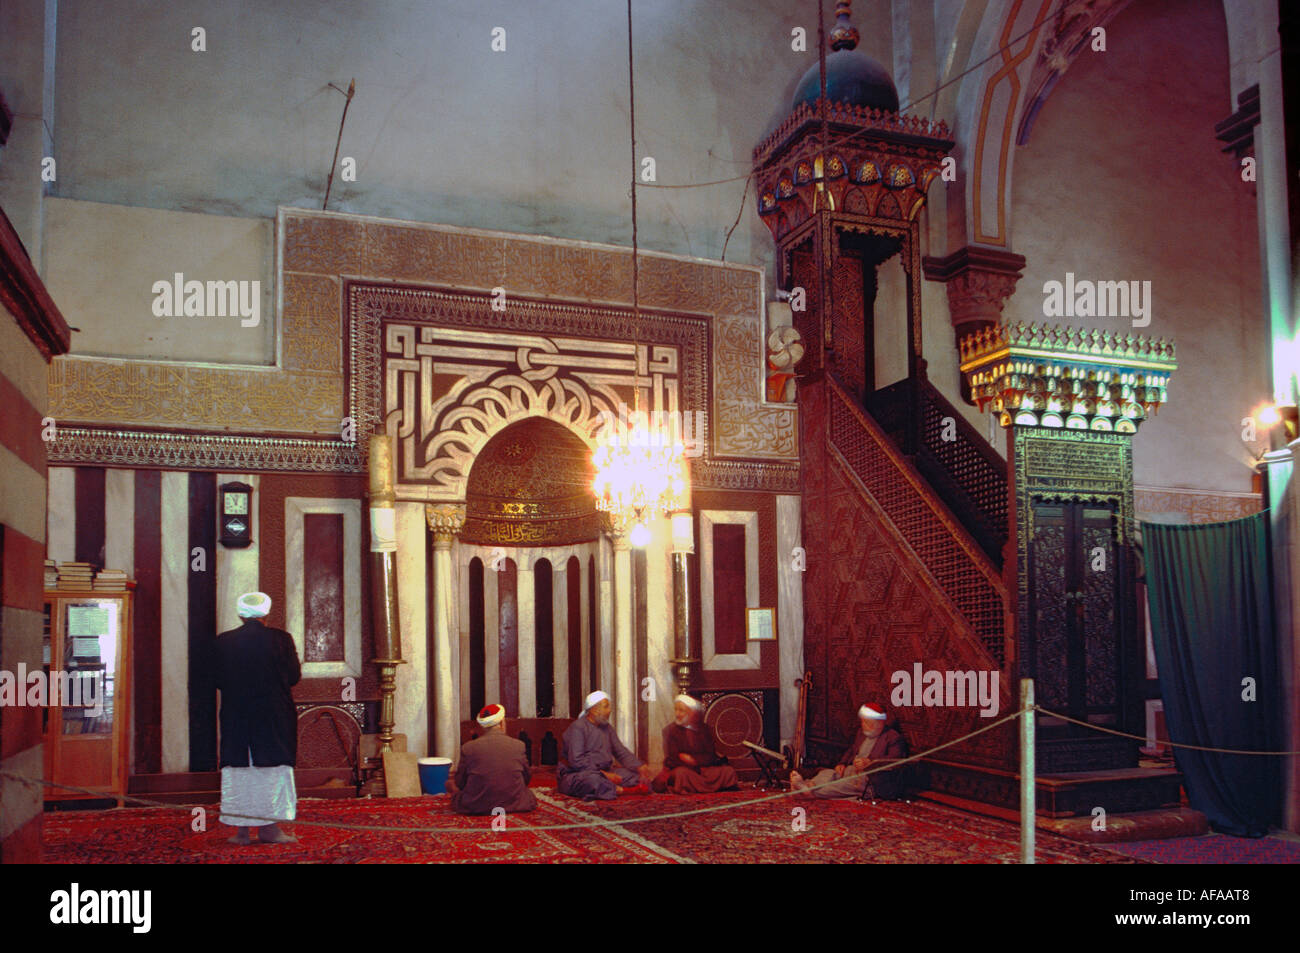 Maqam Ibrahim, Hebron, Palestine, Mamluk mosque - Stock Image